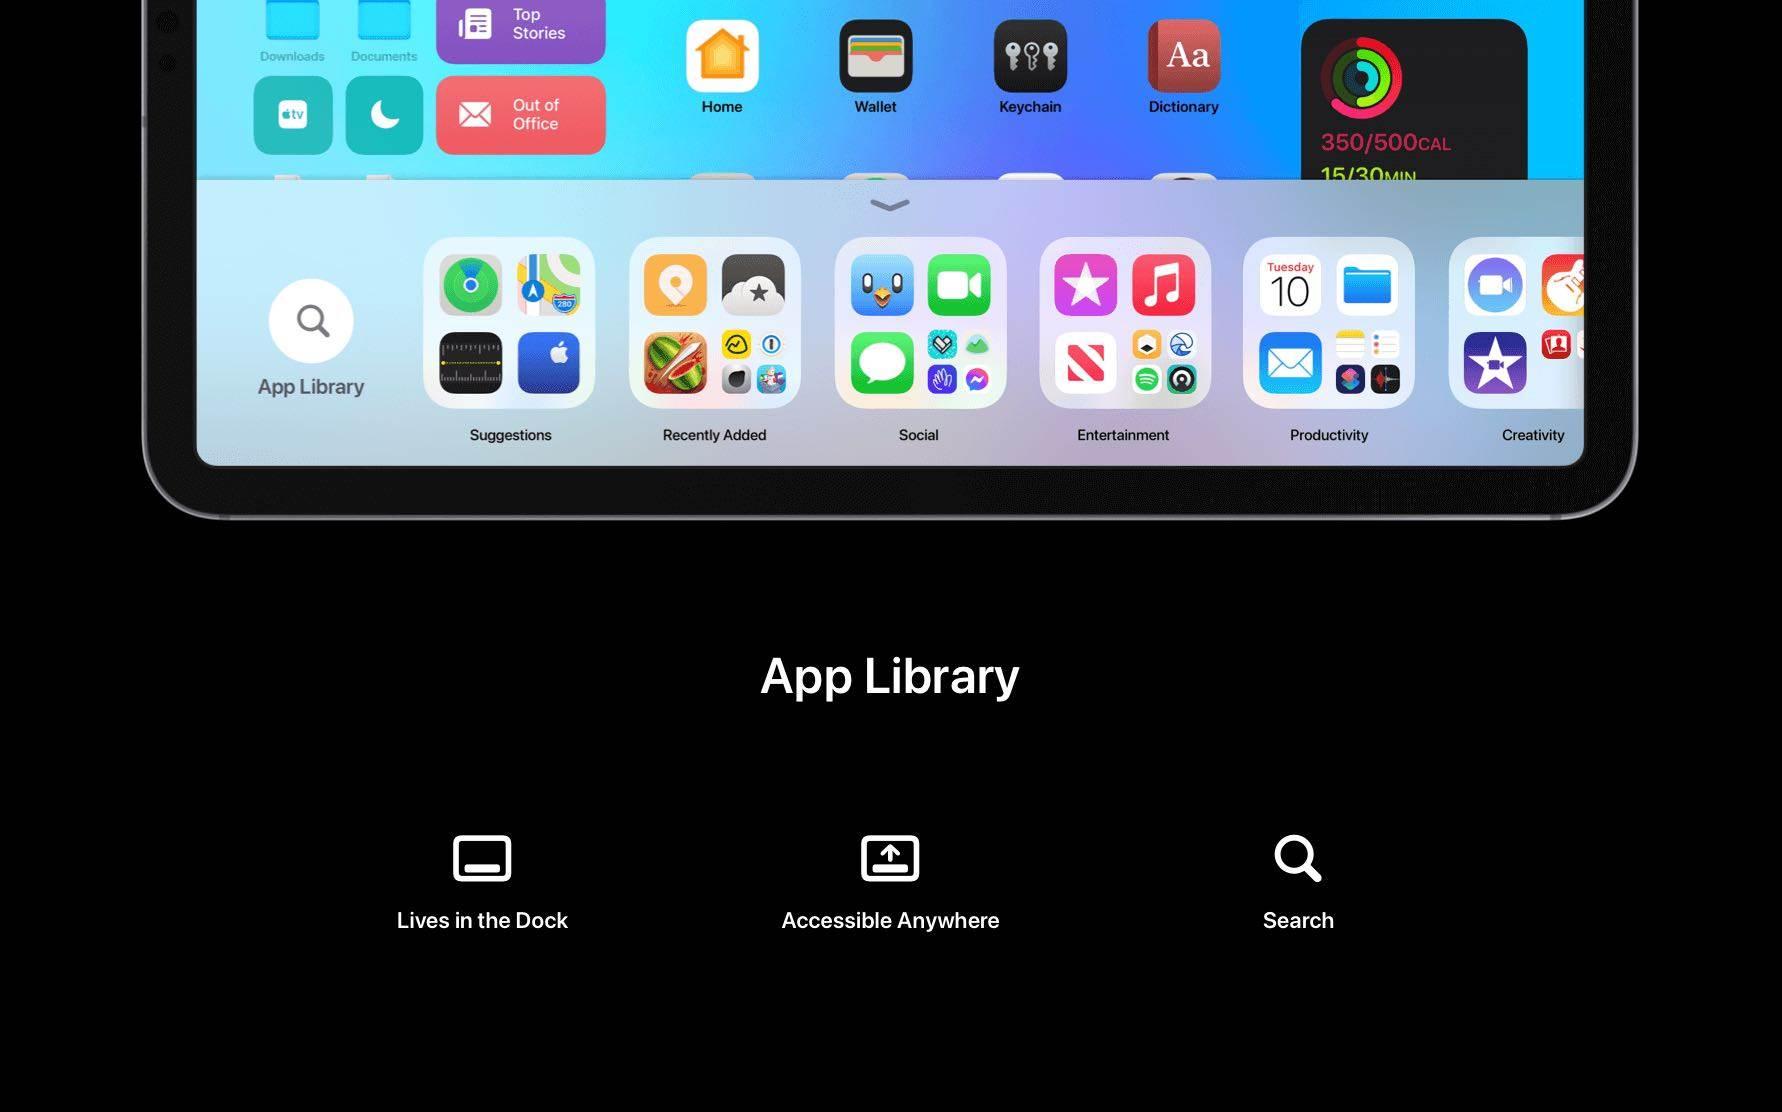 Świetna i bardzo realna koncepcja iPadOS 15 polecane, ciekawostki Premiera, koncept, iPadOS 15, iPad  Oficjalna prezentacja iPadOS 15 odbędzie już 7 czerwca 2021 roku podczas WWDC 2021, więc w sieci z dnia na dzień będzie pojawiać się coraz więcej konceptów tegorocznych systemów Apple. iPadOS15 1